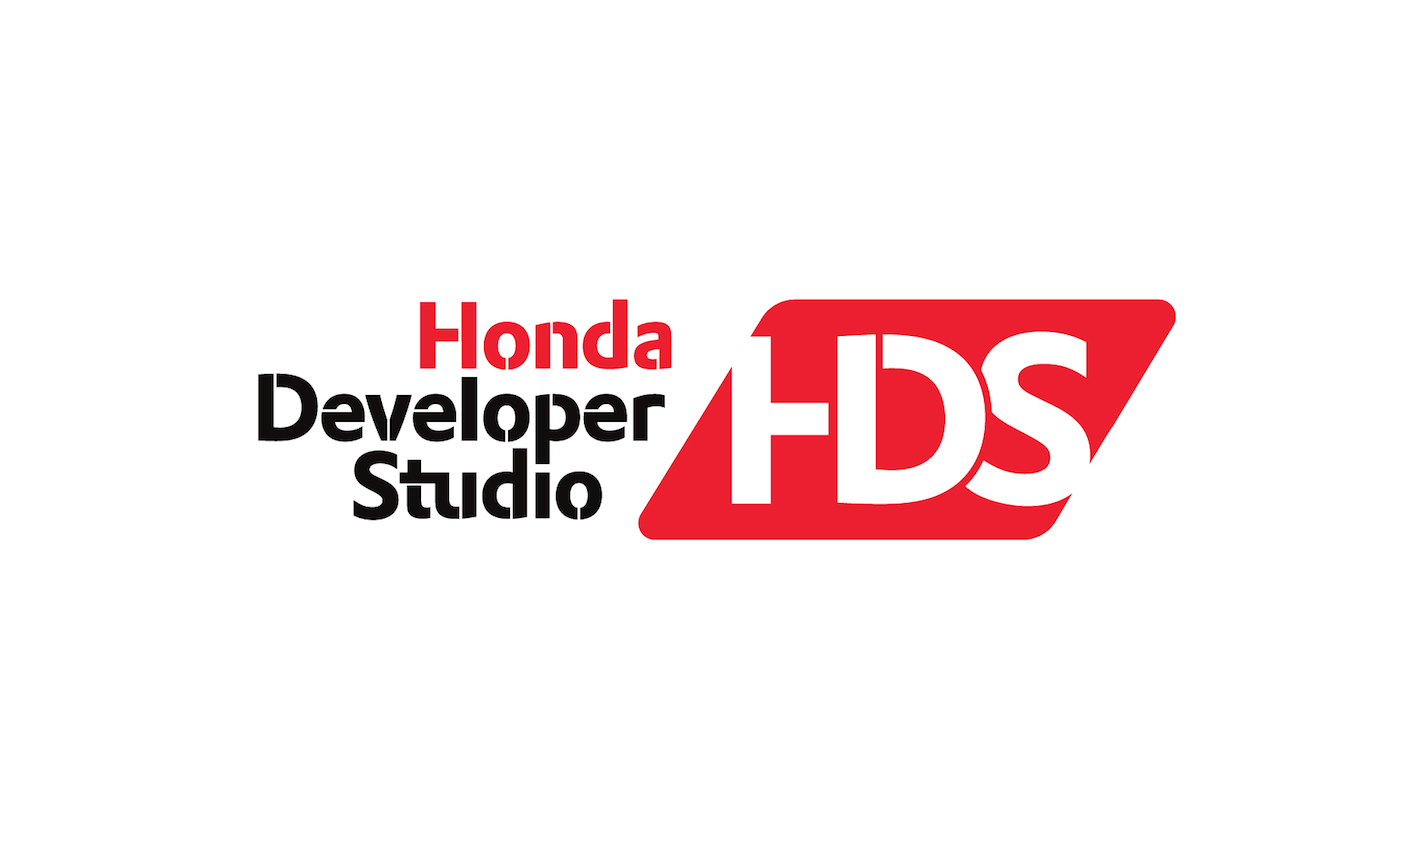 honda Developer Studio